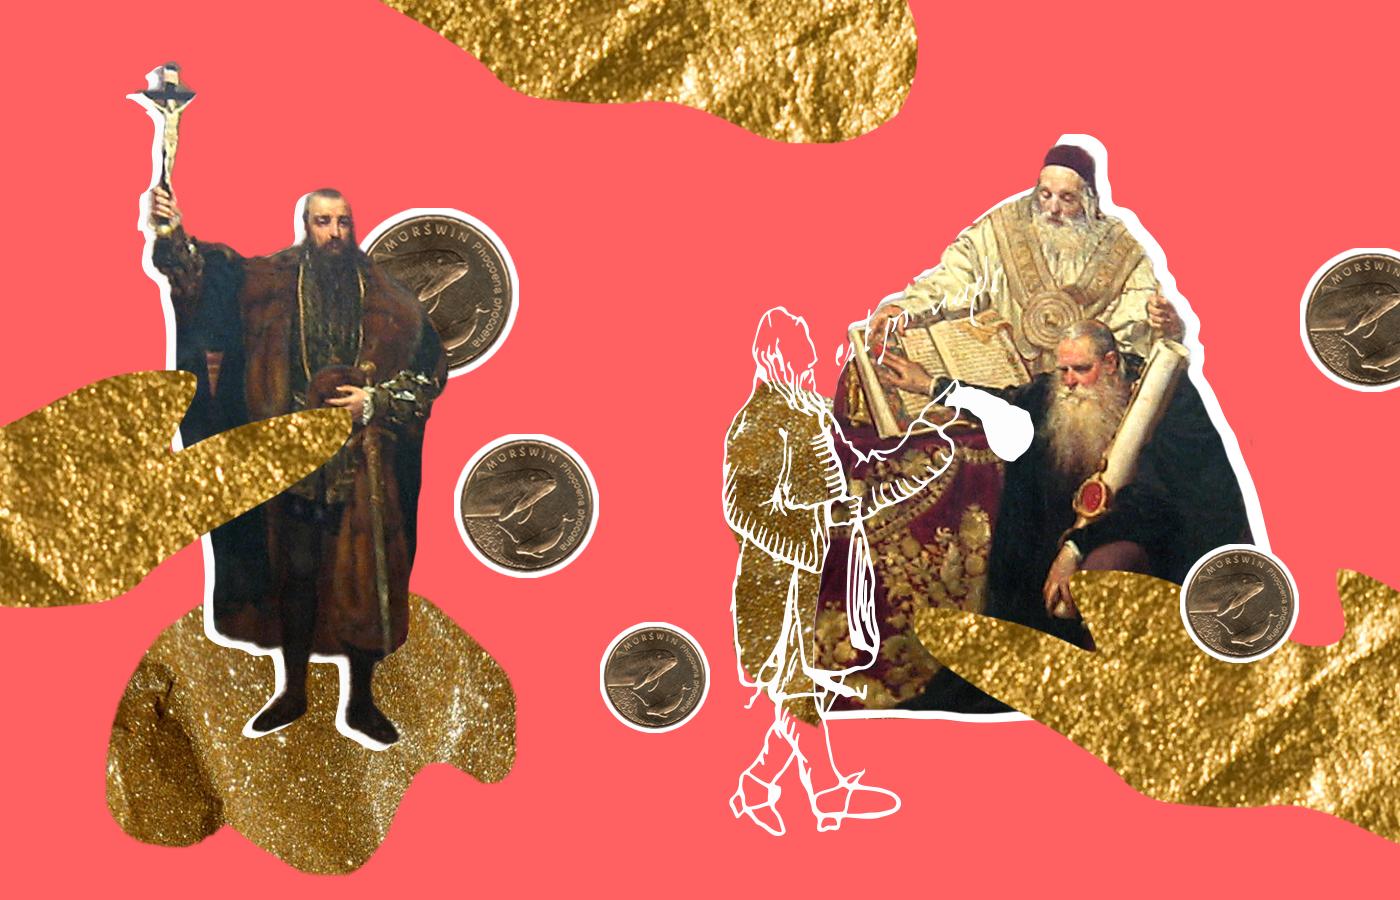 Присяга «Богу всемогутньому» як інструмент порозуміння в Луцьку першої половини ХVІІ століття